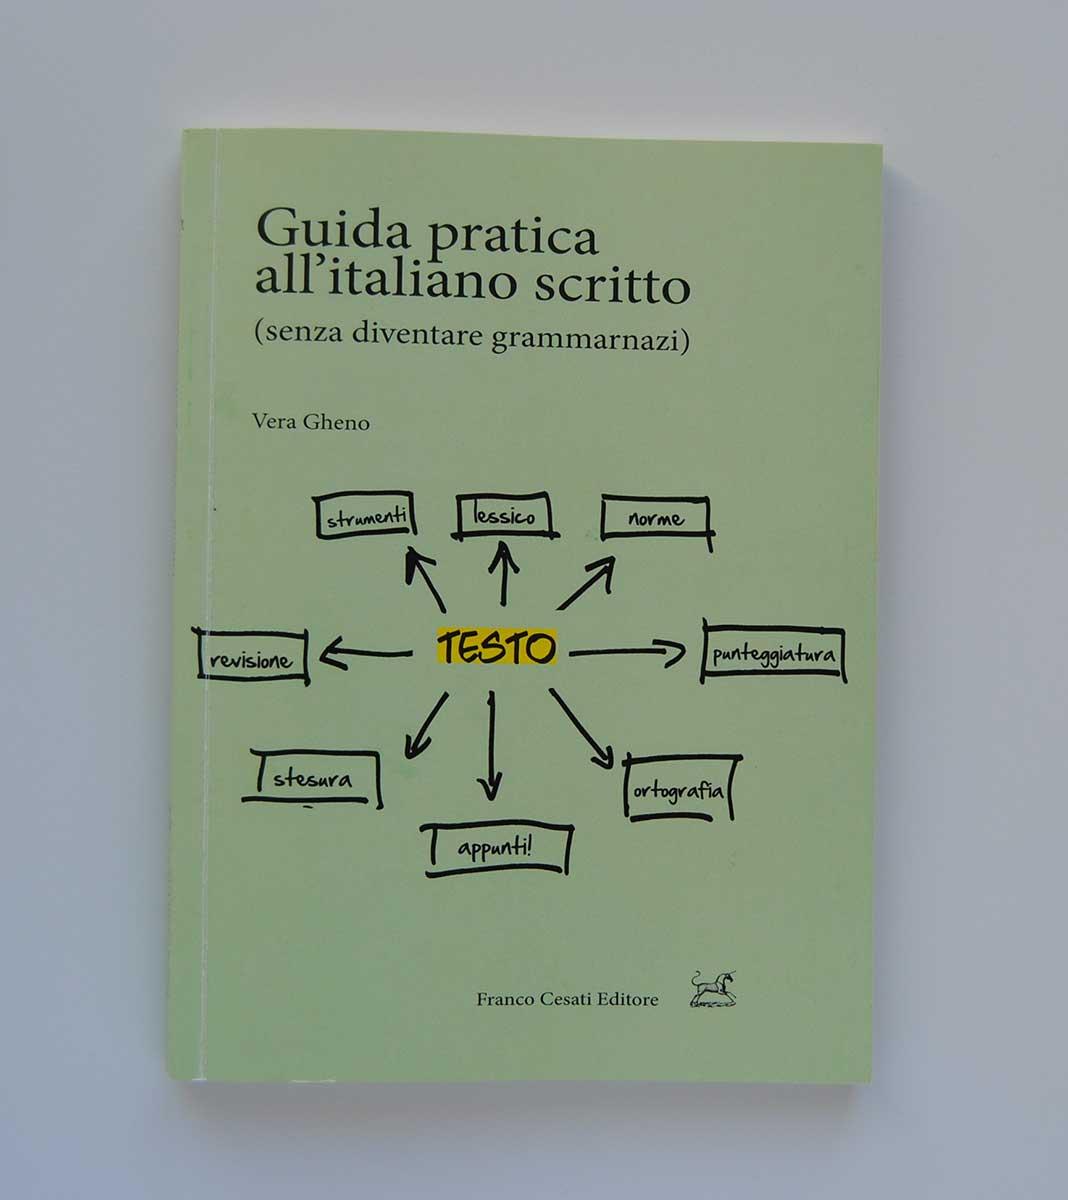 Guida all'Italiano scritto di Vera Gheno